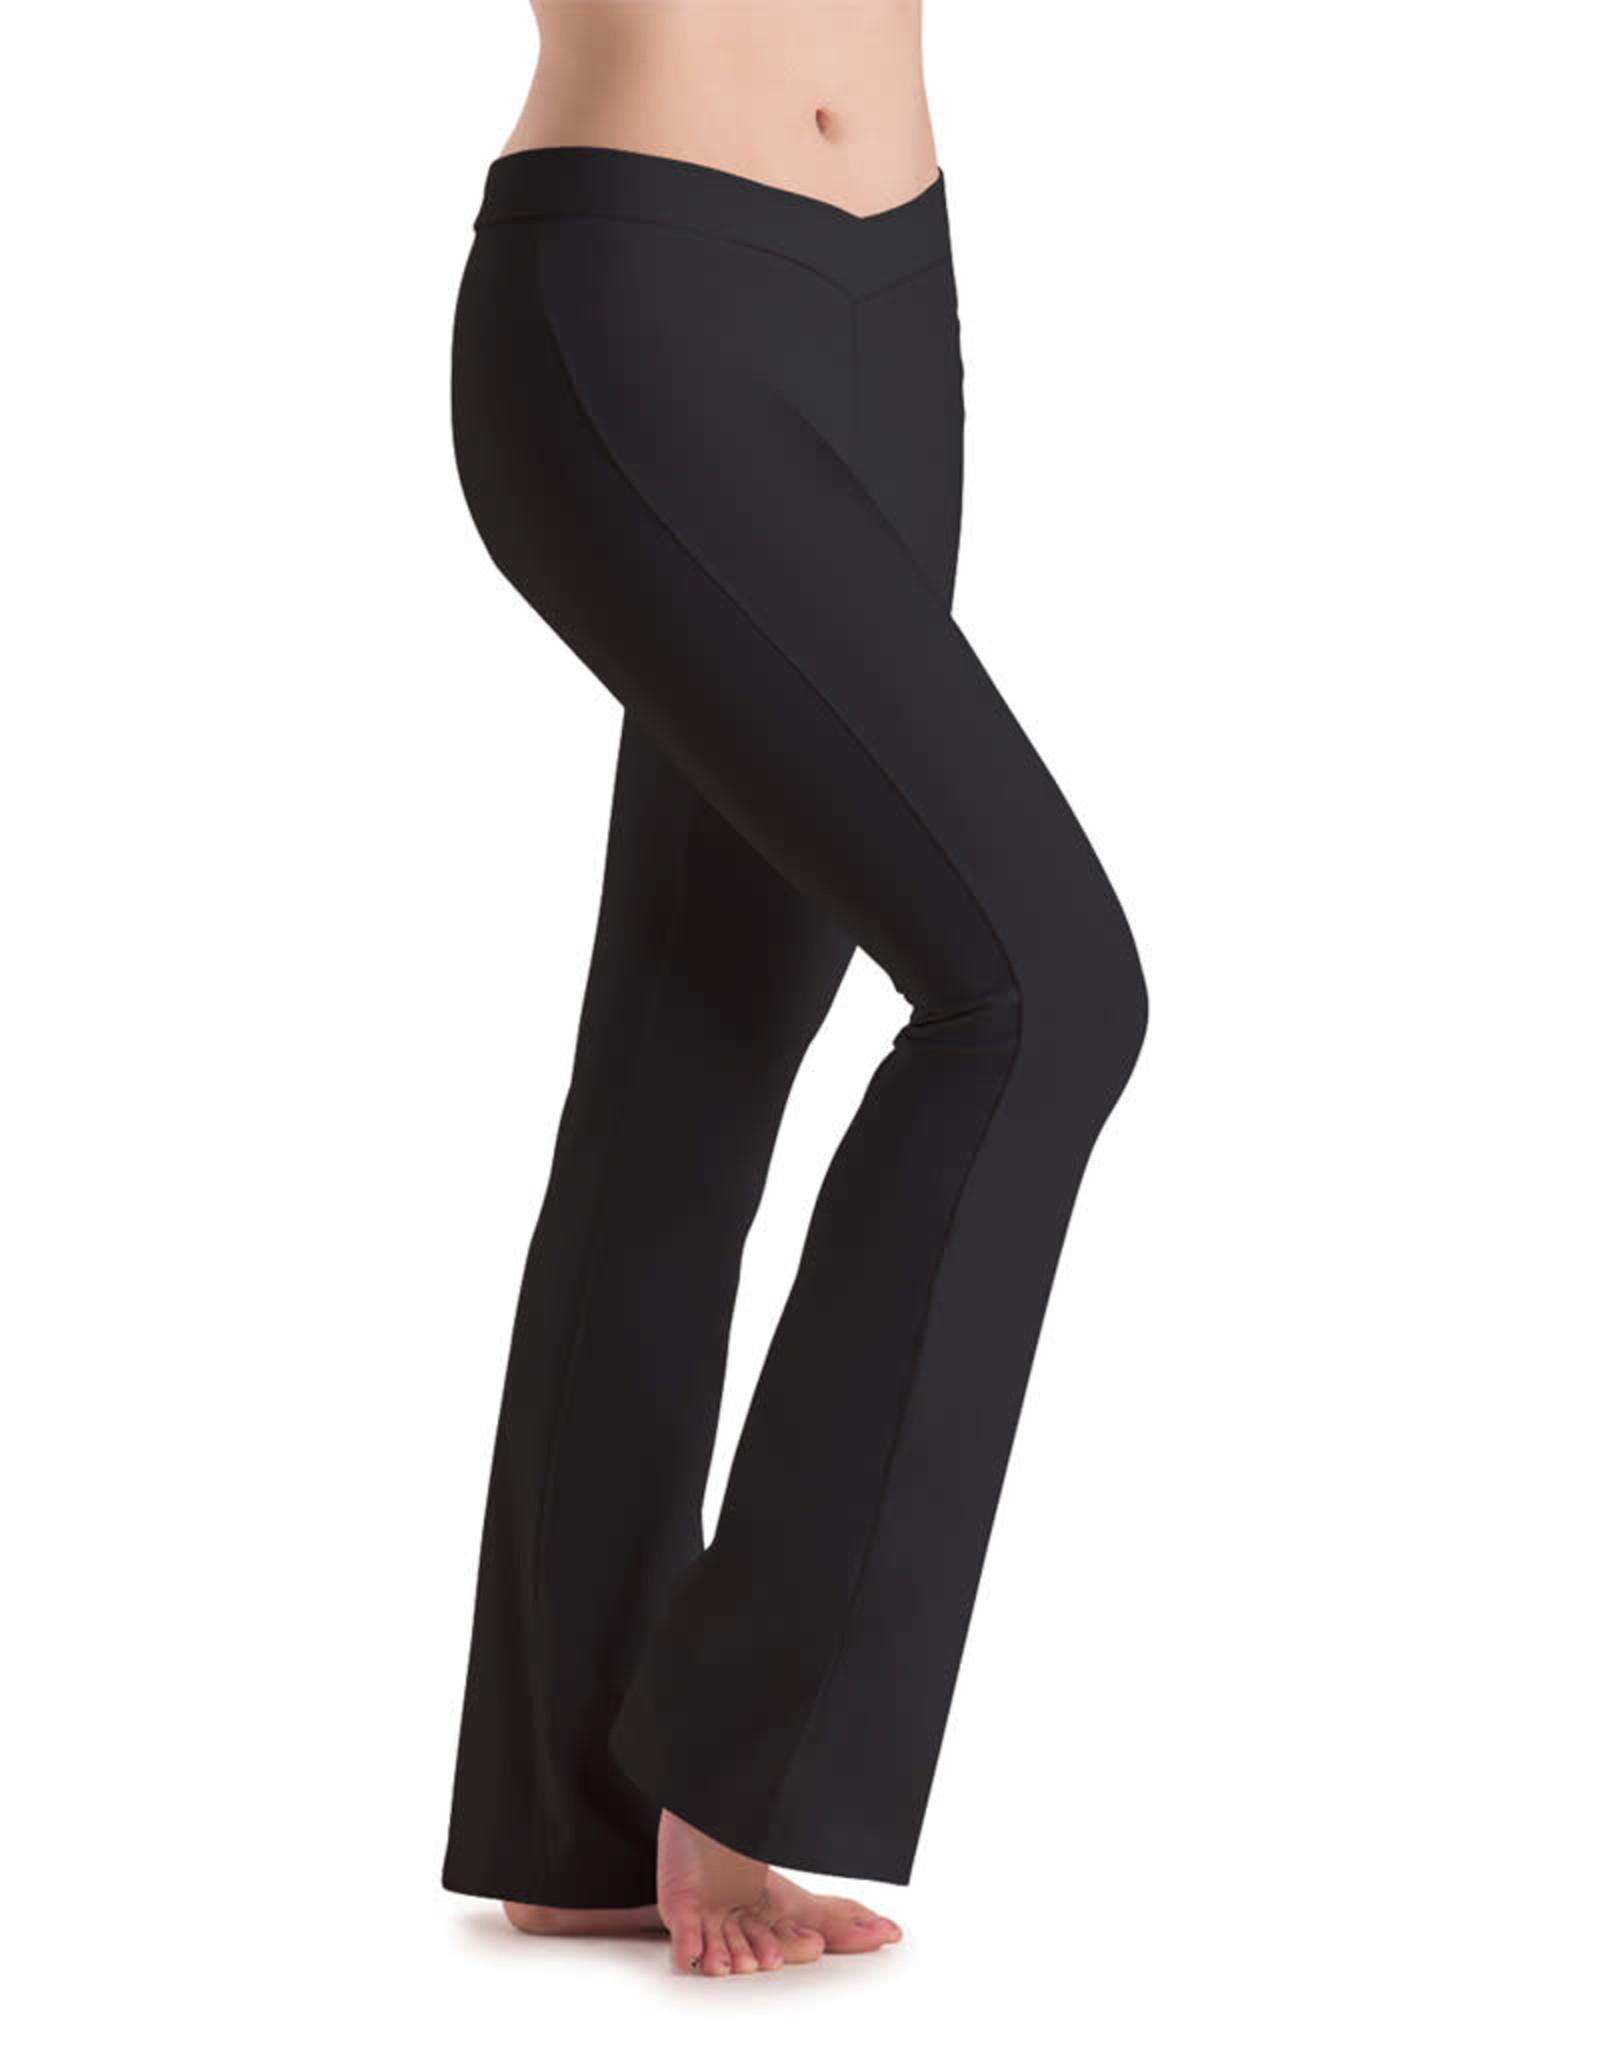 Motionwear Kids Pants 7163